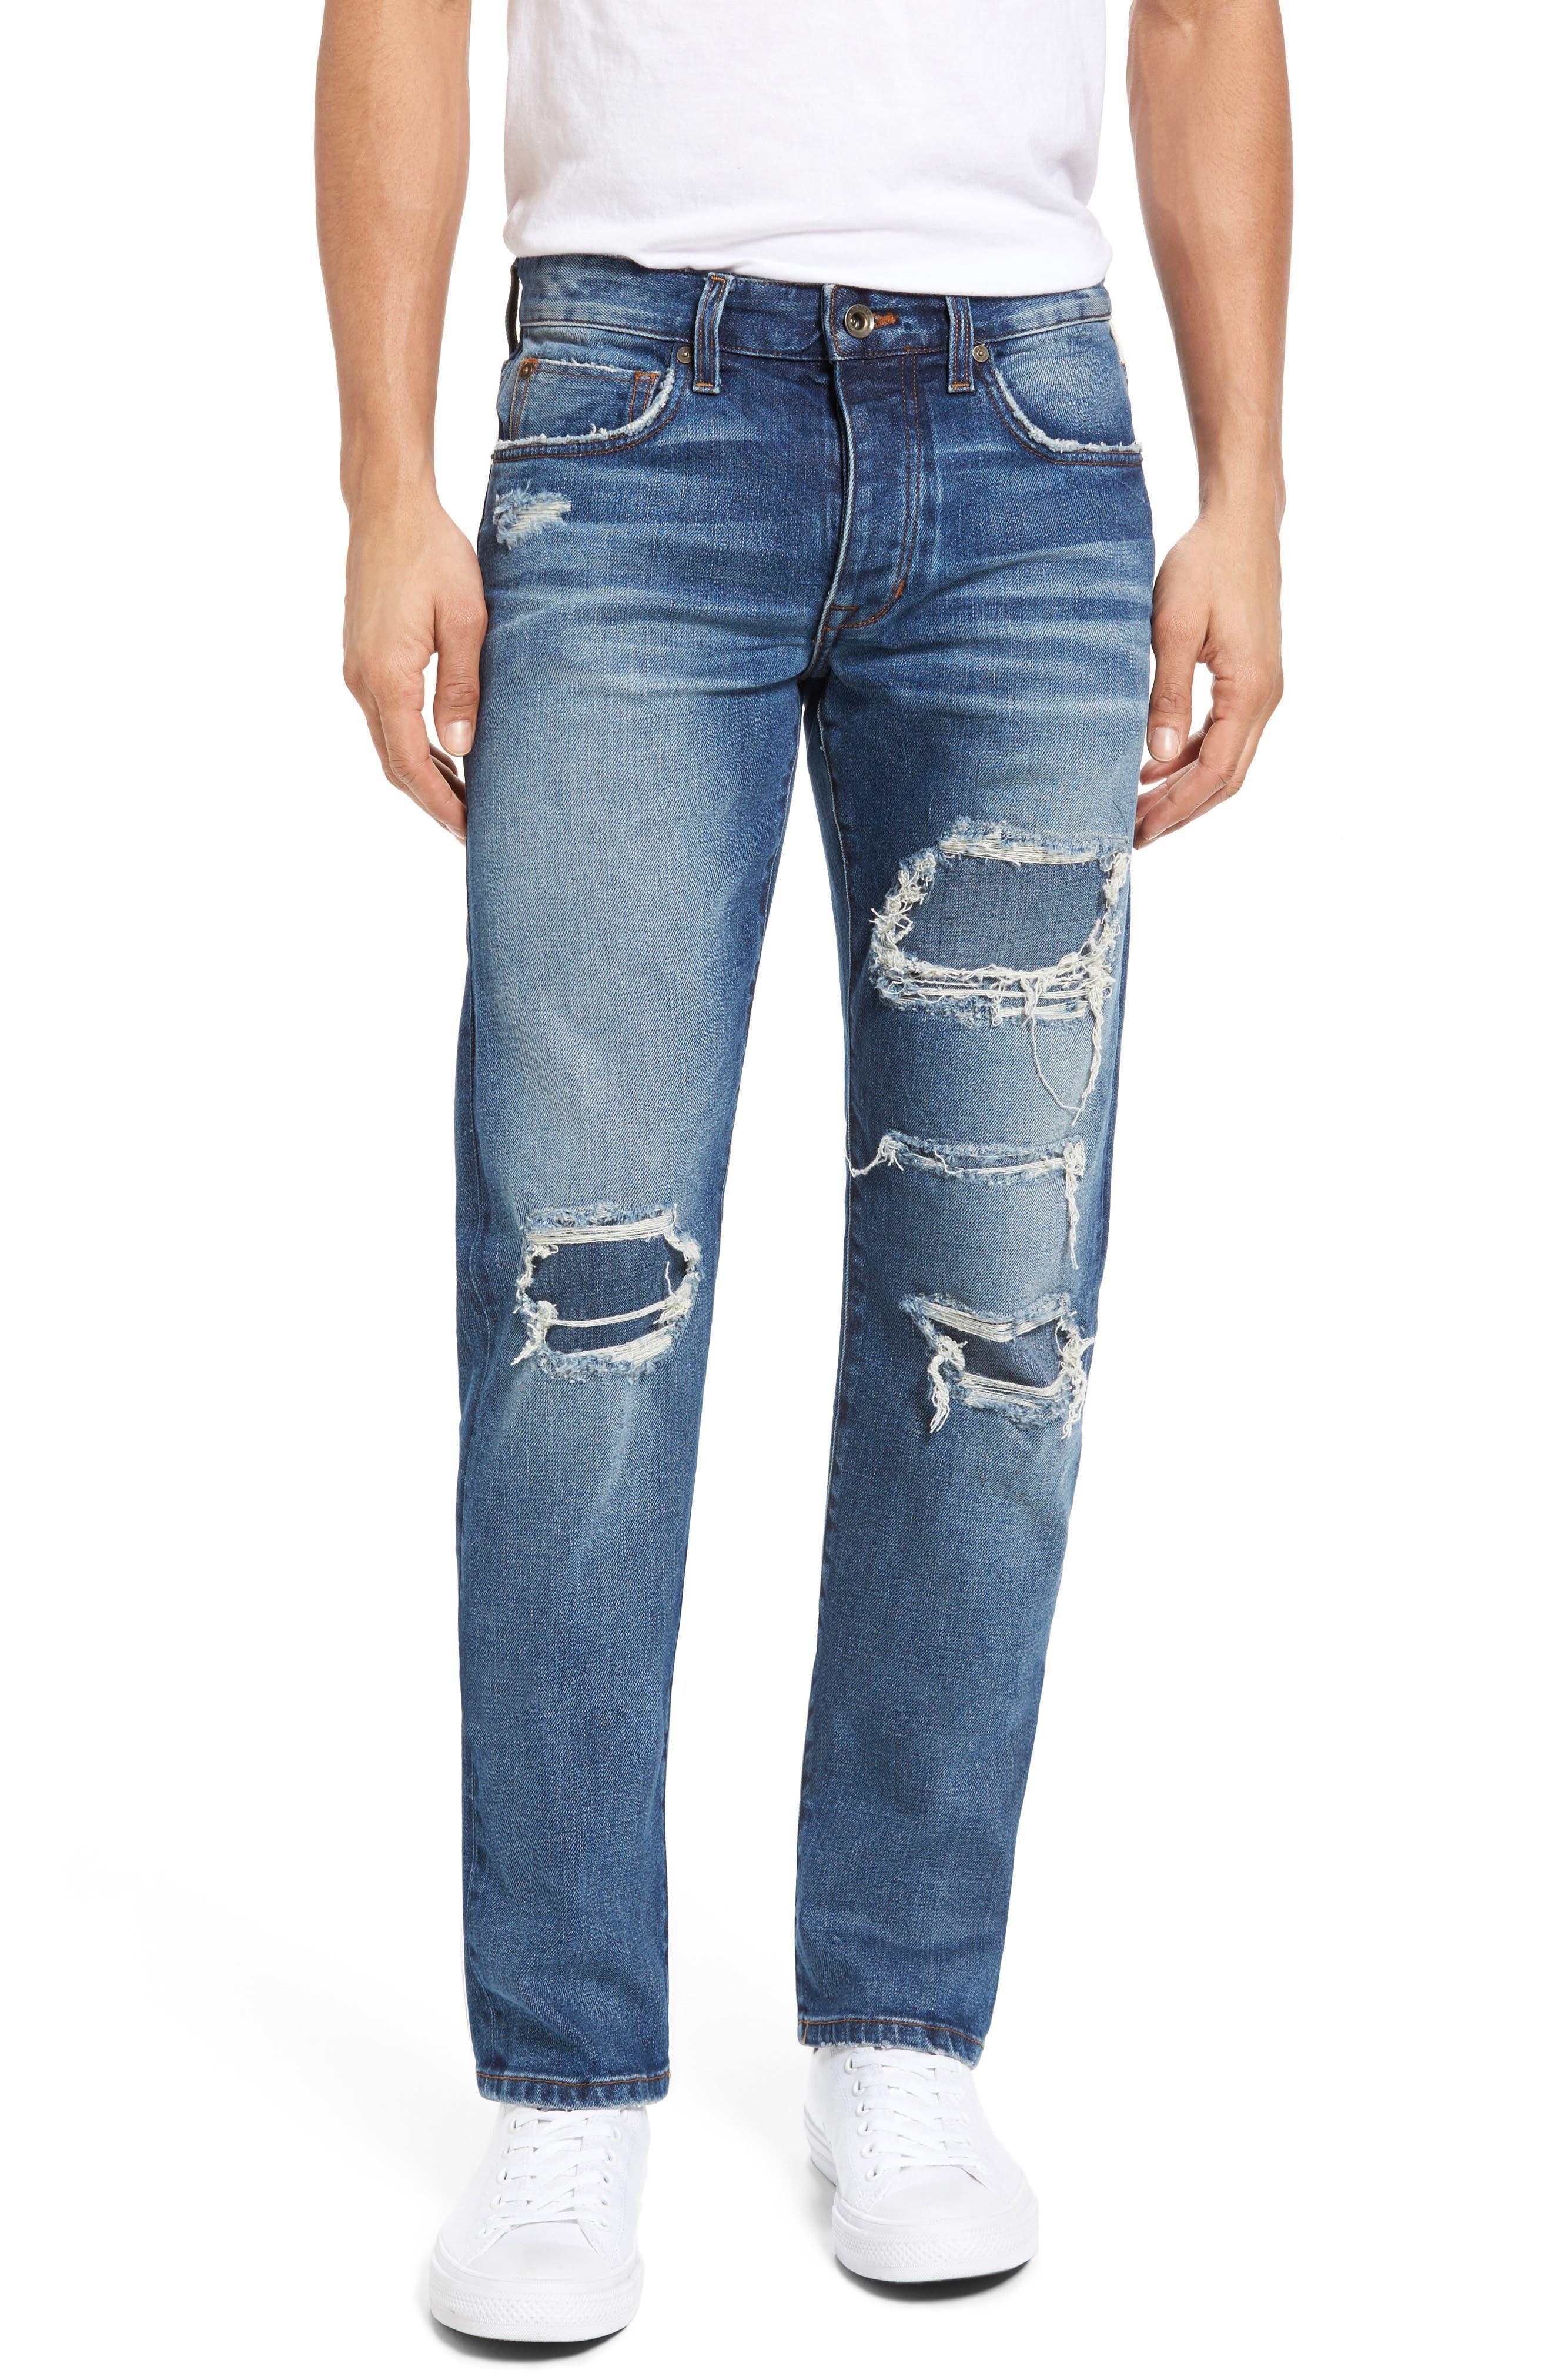 Brixton Slim Fit Jeans,                         Main,                         color, 410